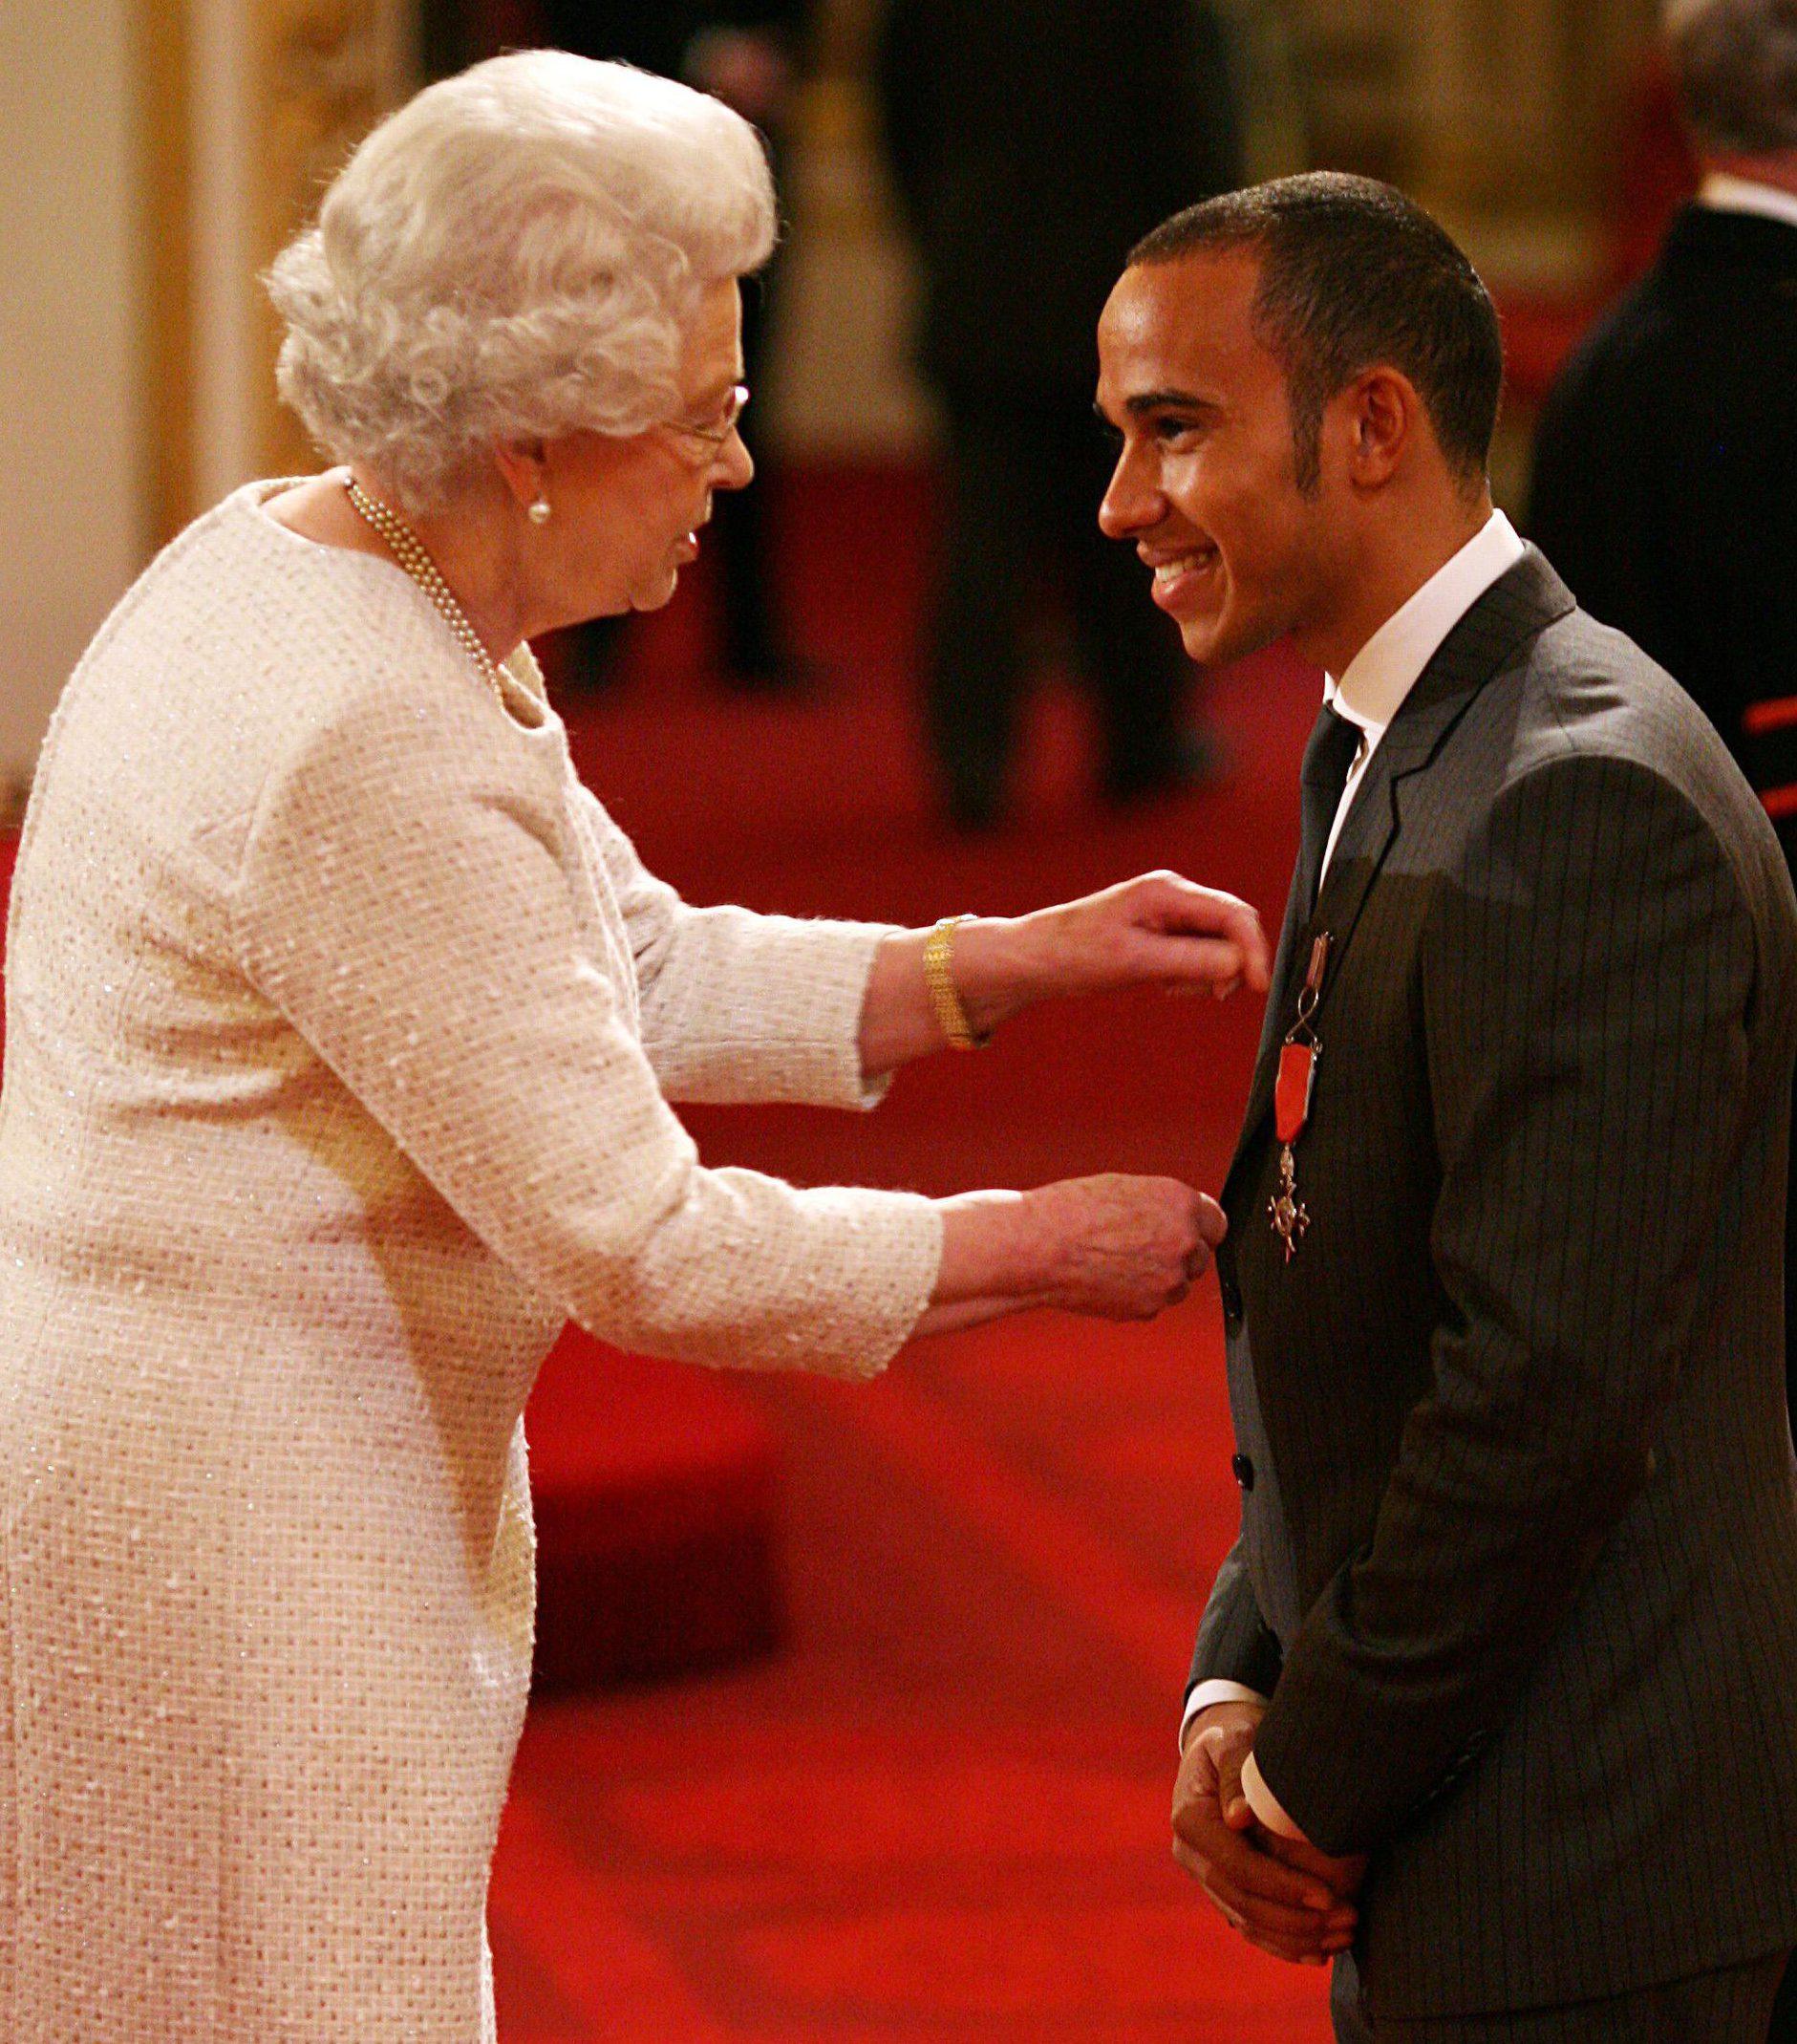 Lewis Hamilton says it has been eight long years since he met Queen Elizabeth II